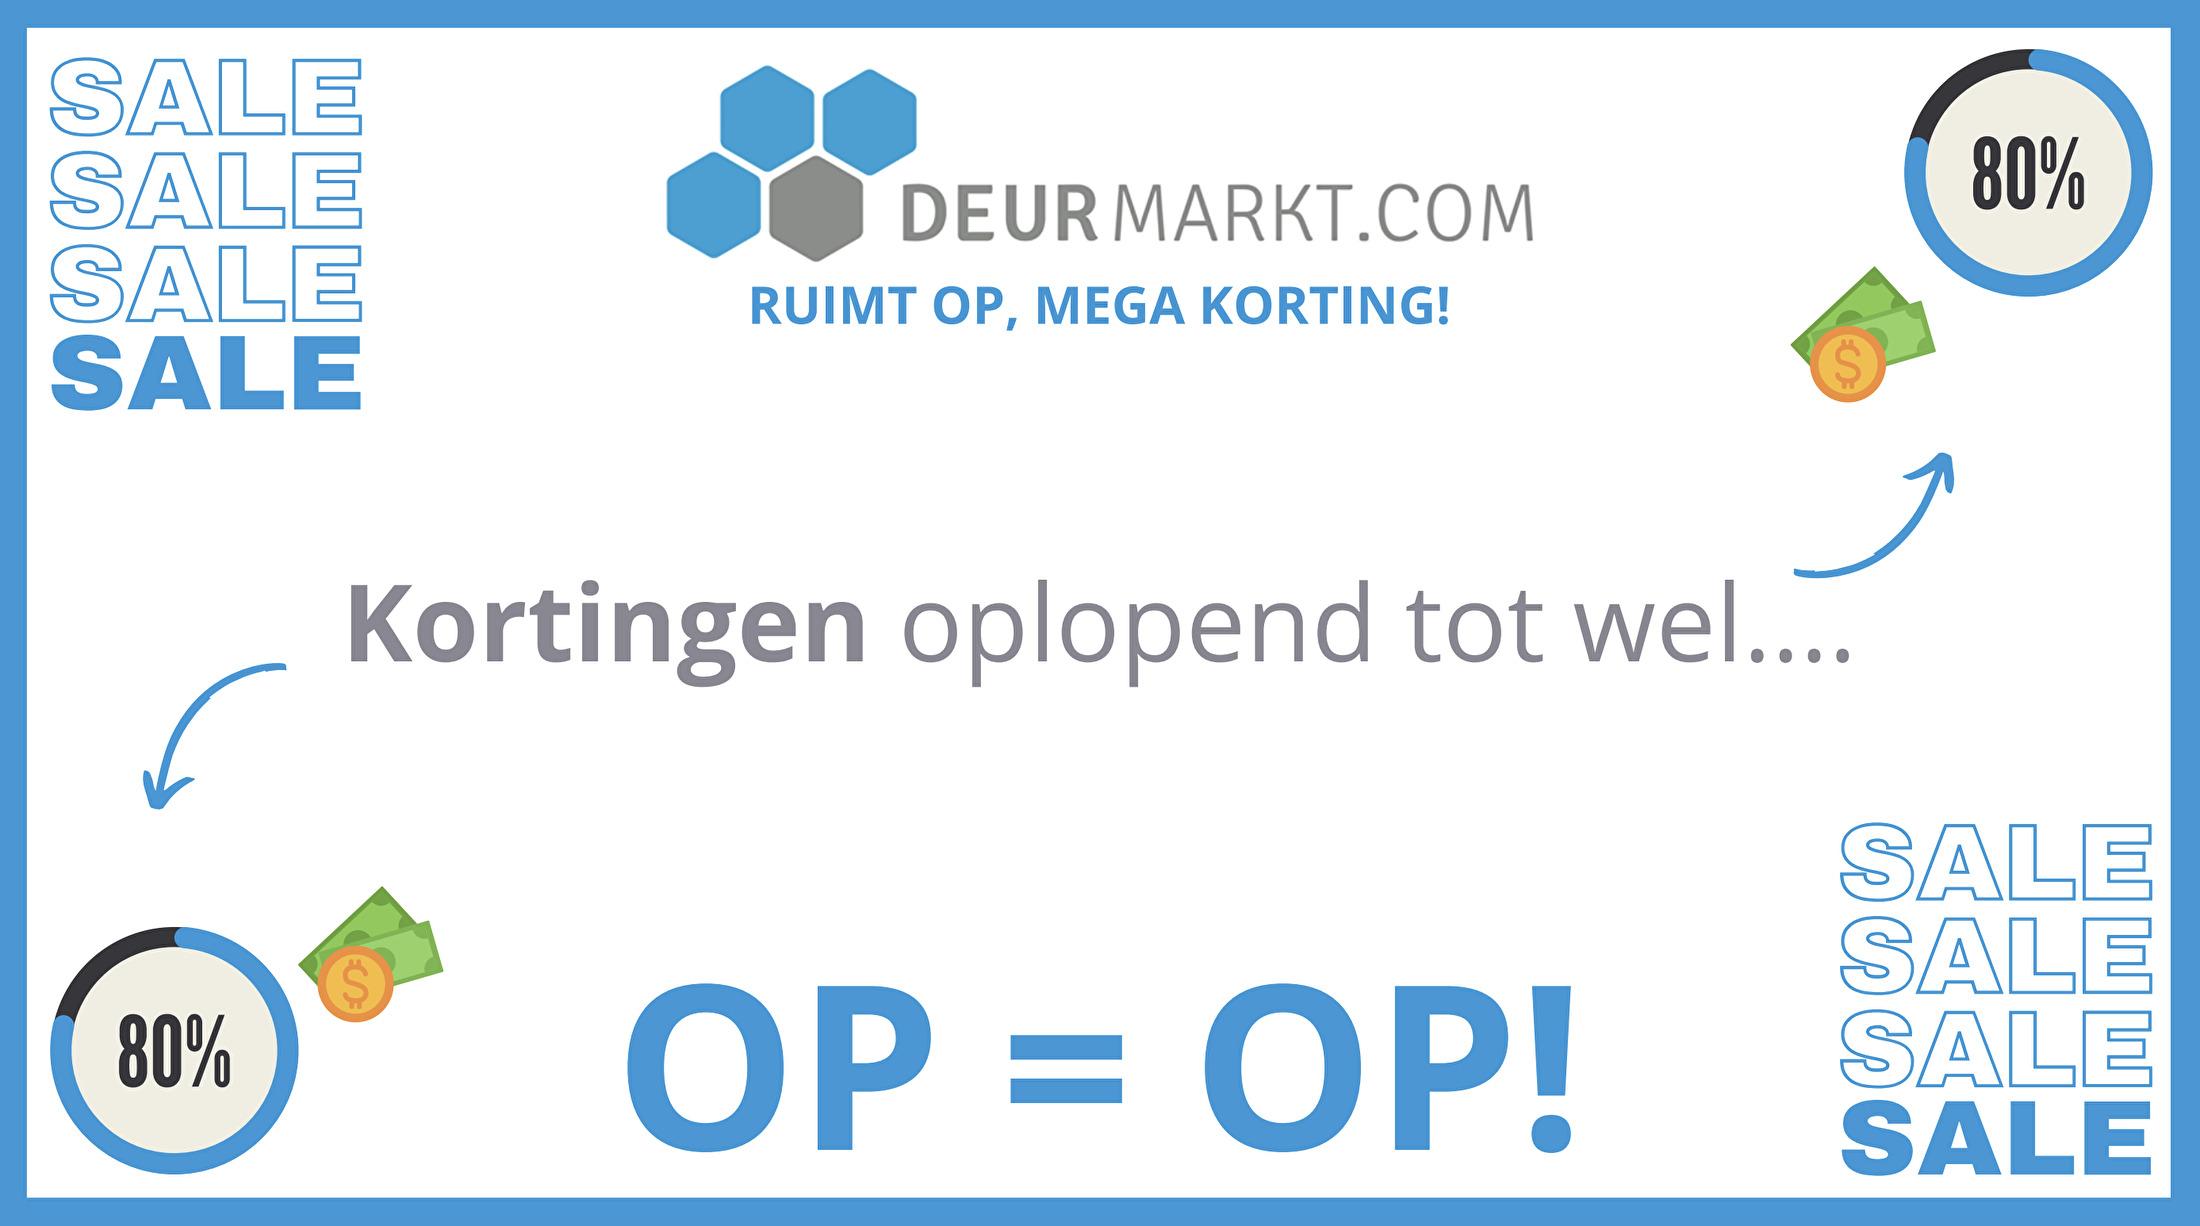 OPRUIMKELDER DEURMARKT! MEGA KORTING %